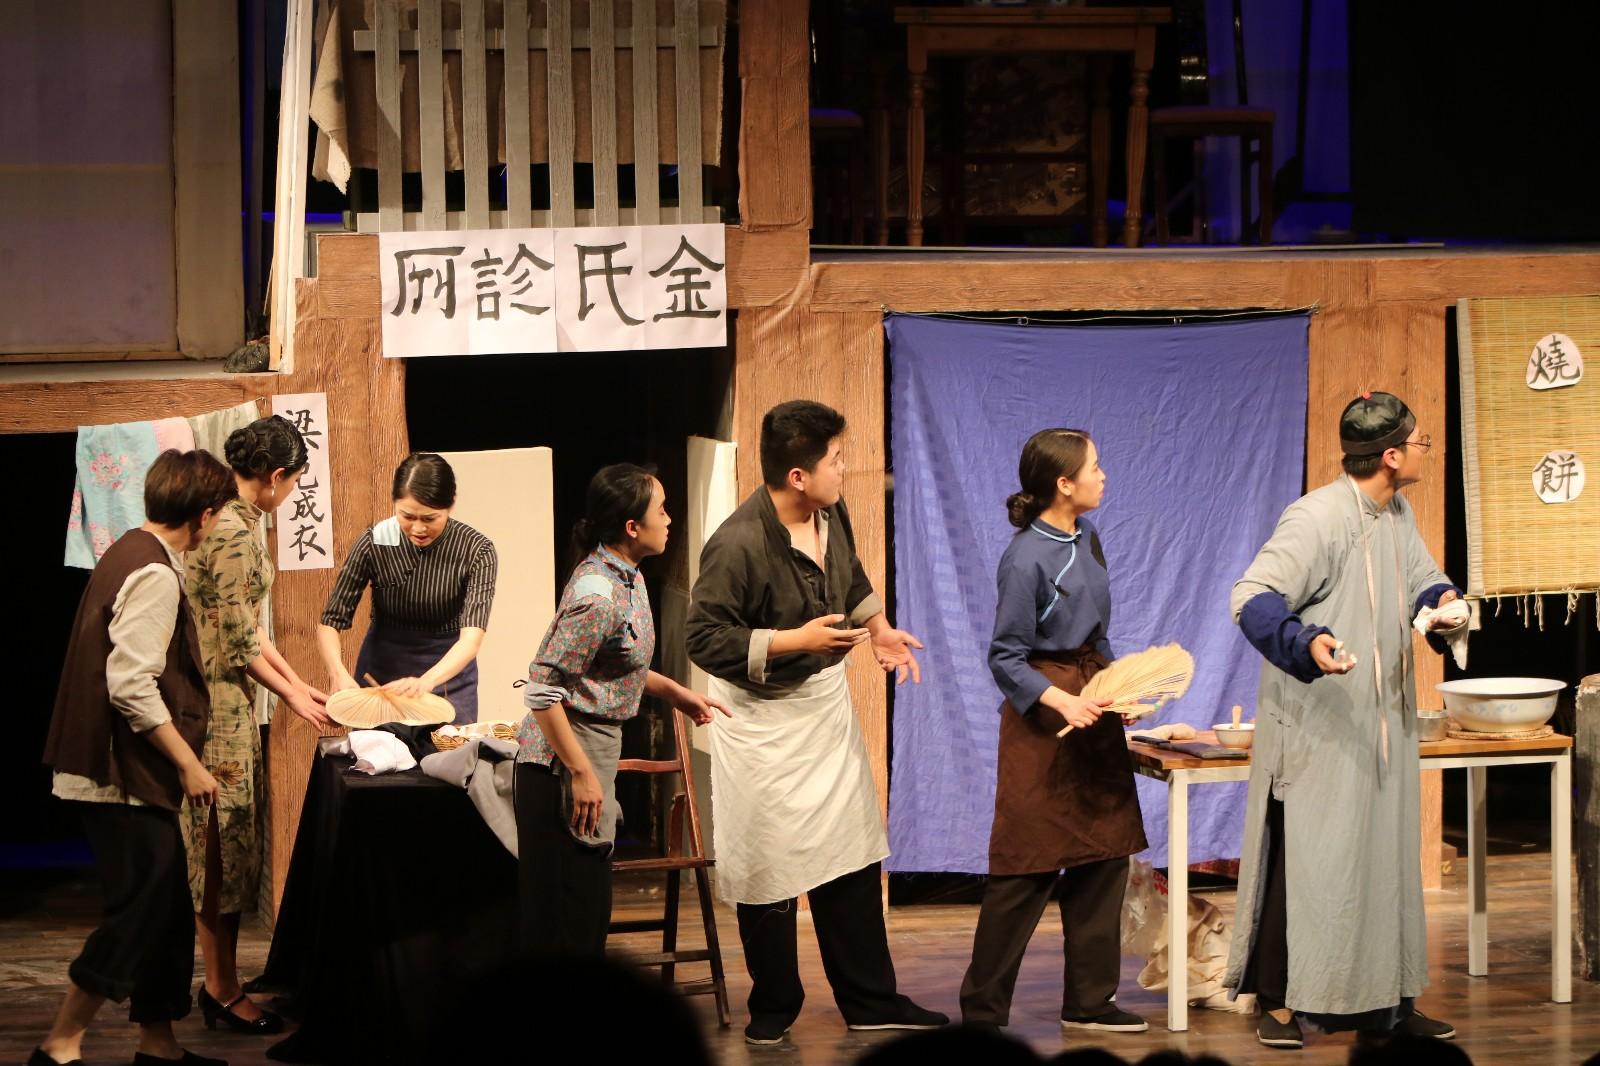 14级毕业大戏《七十二家房客》在小剧场隆重上演